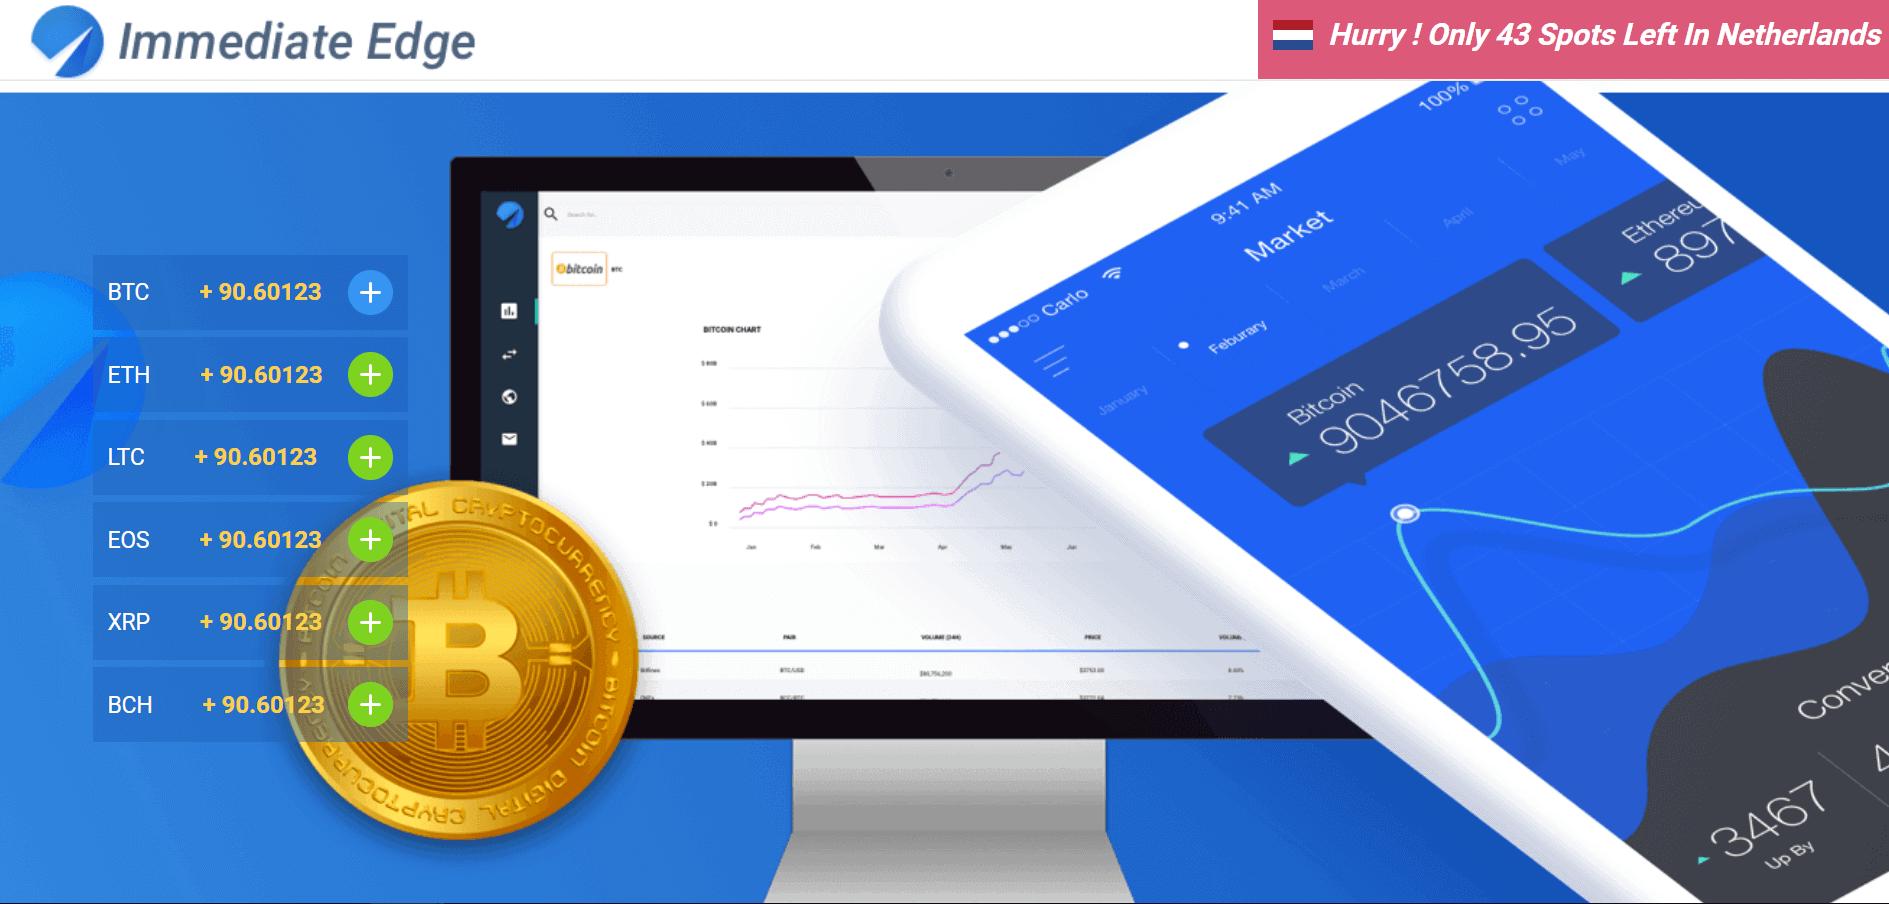 kaip prekiauti litecoin bitcoin gdax backtest crypto prekybos strategija